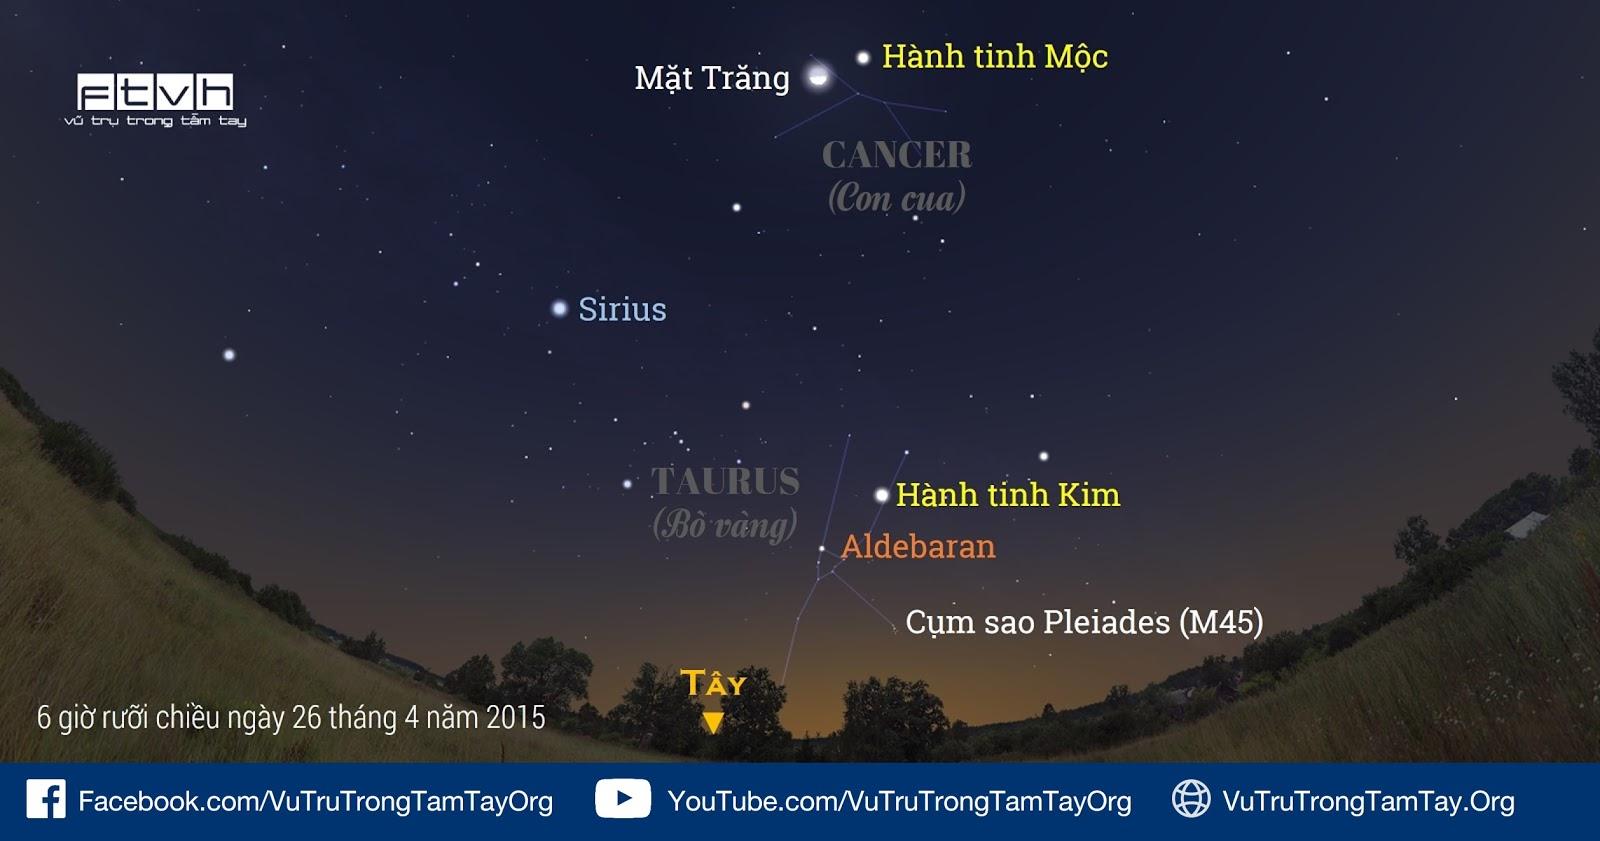 Trăng thượng huyền tháng Ba âm lịch giao hội với hành tinh Mộc tối 26/4.